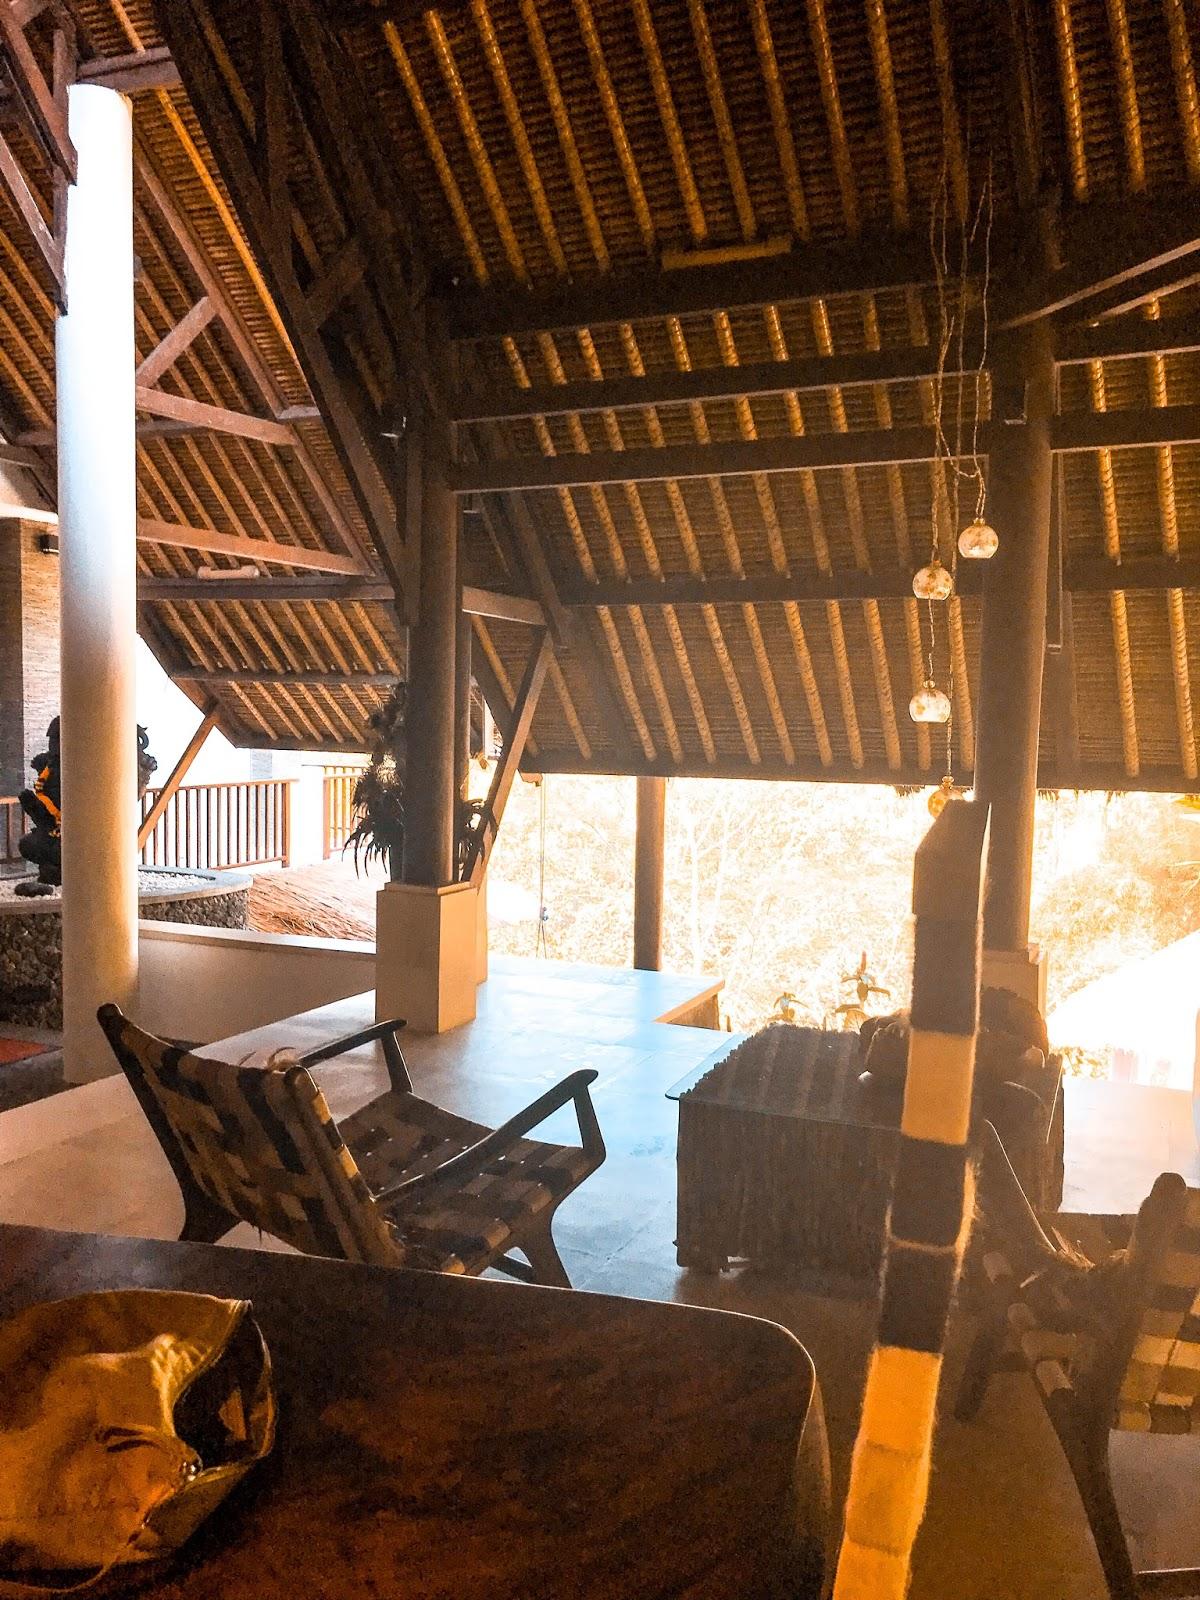 5740f3f758efe5 Materiali locali forgiati in elementi contemporanei: bambù, legno, pietra,  cuoio a regalare un ambiente unico e raffinato.